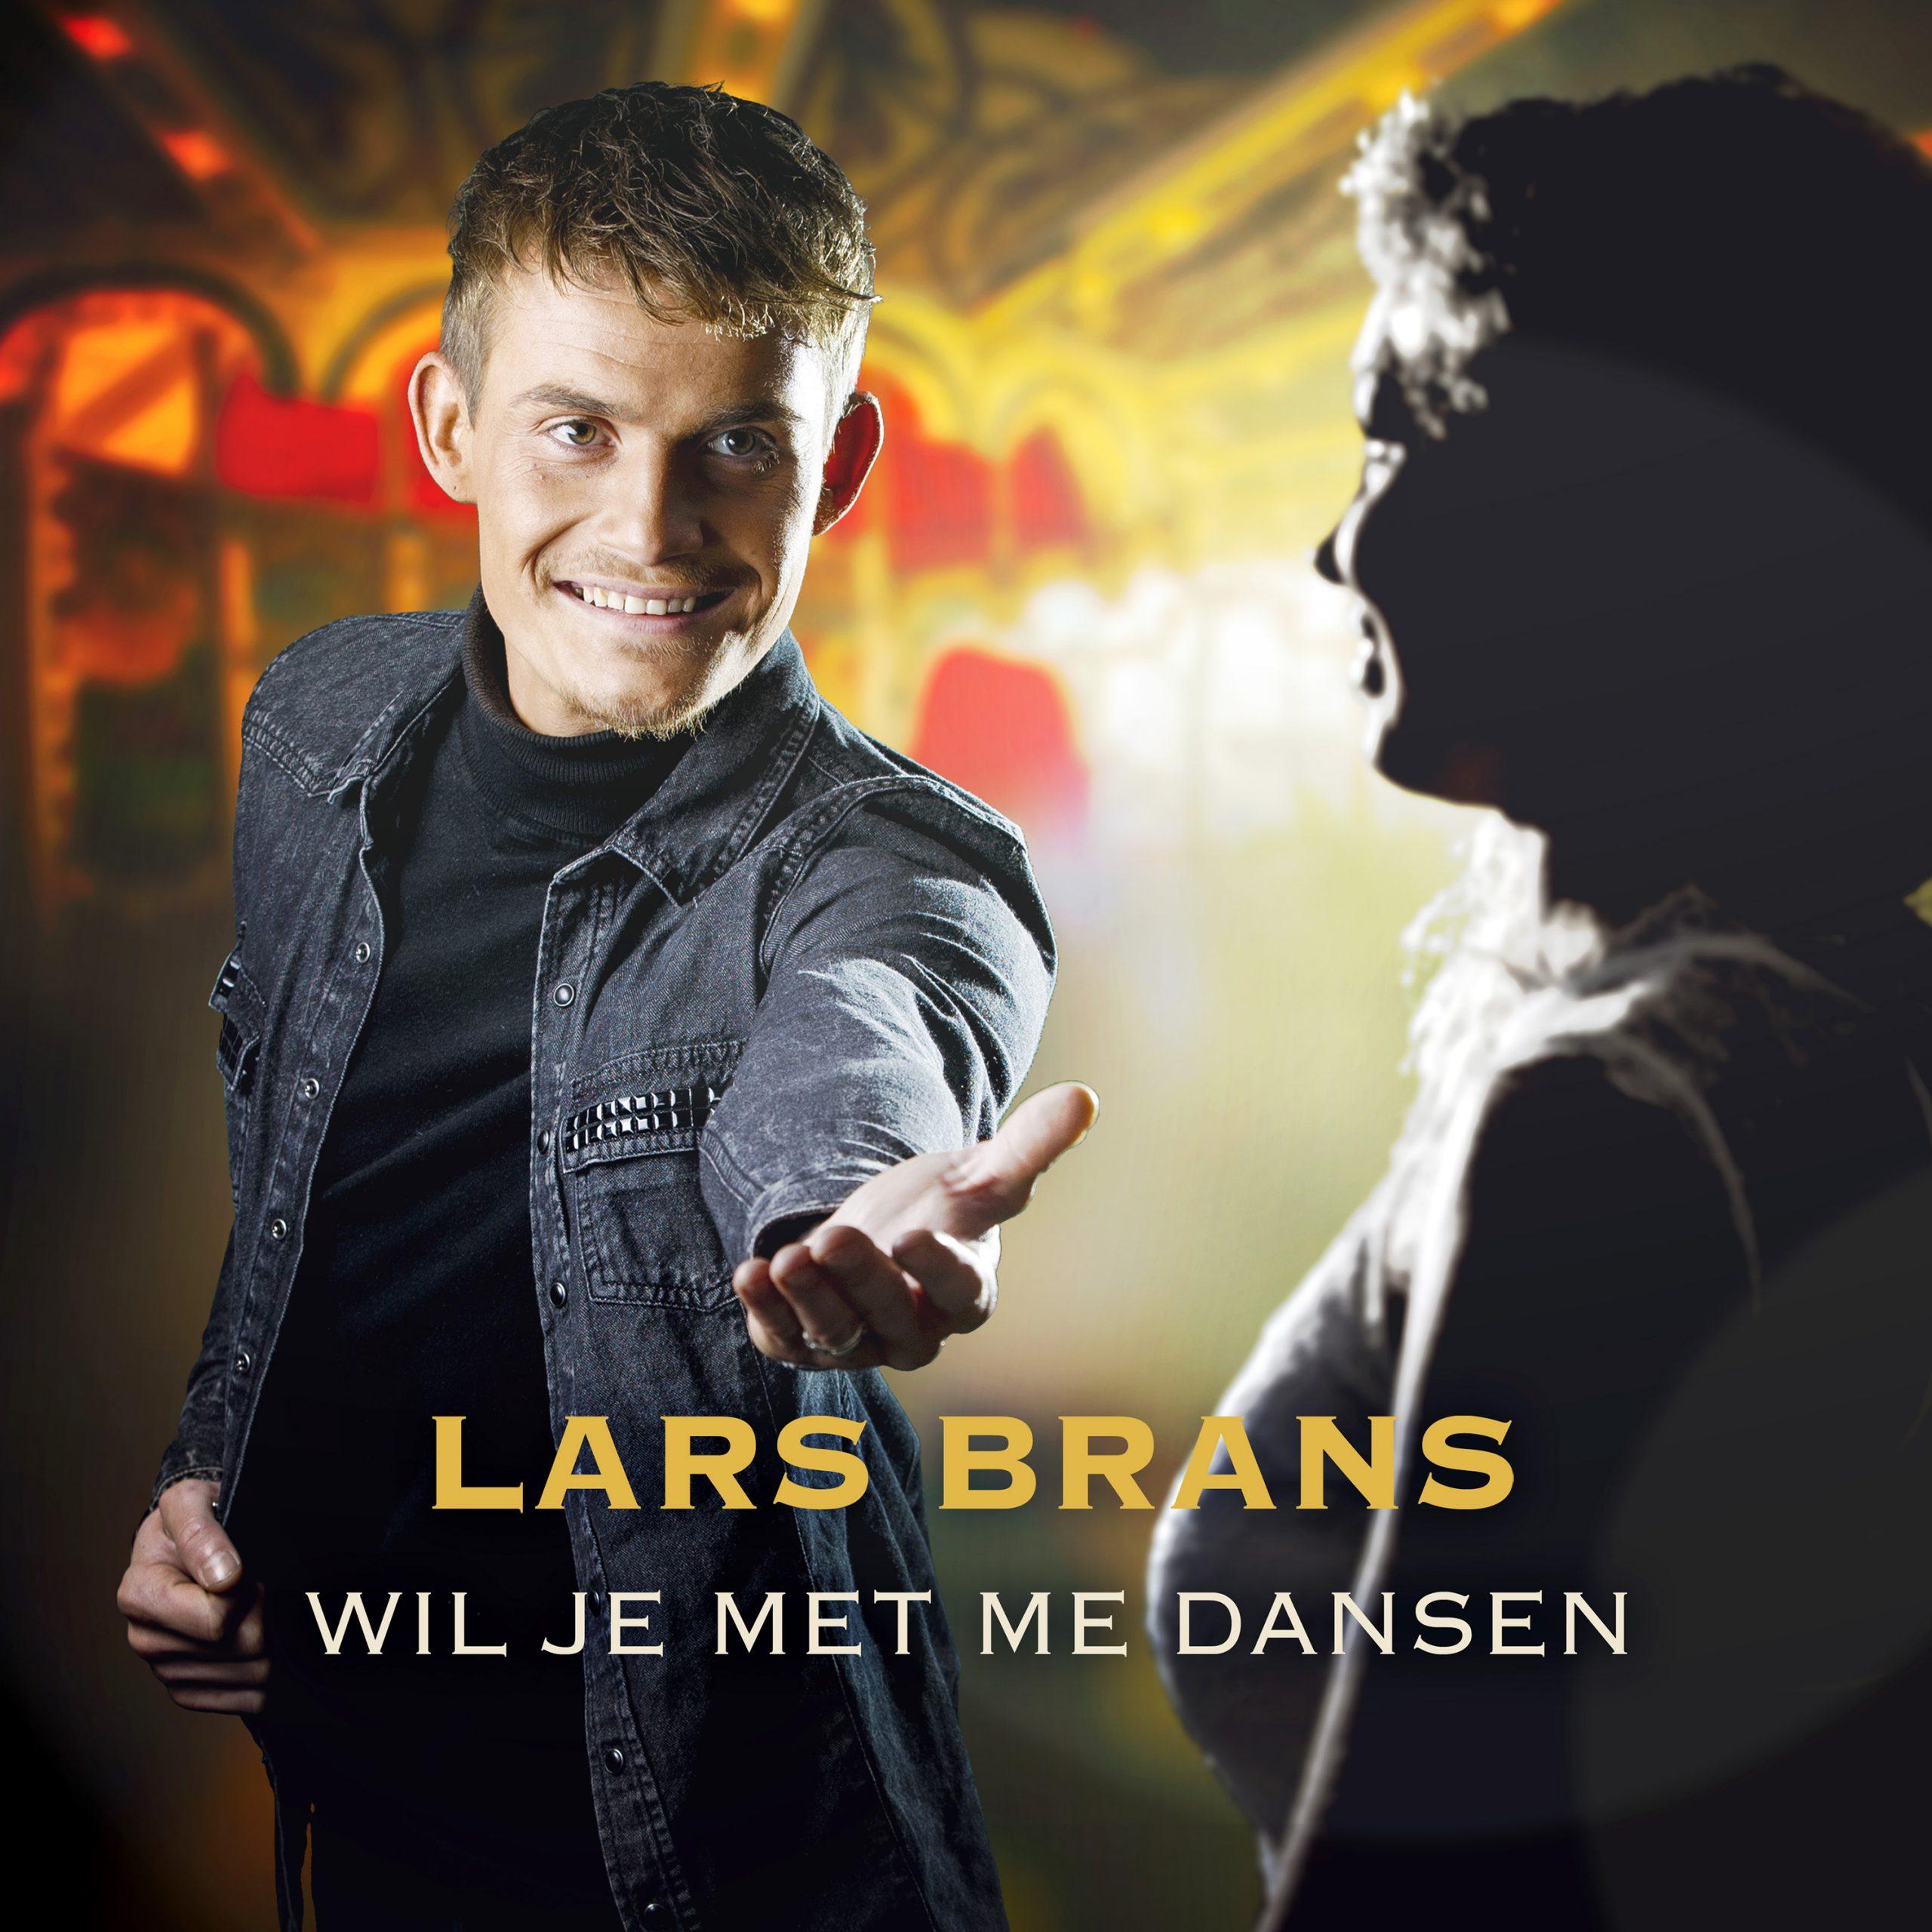 Lars Brans - Wil je met me dansen